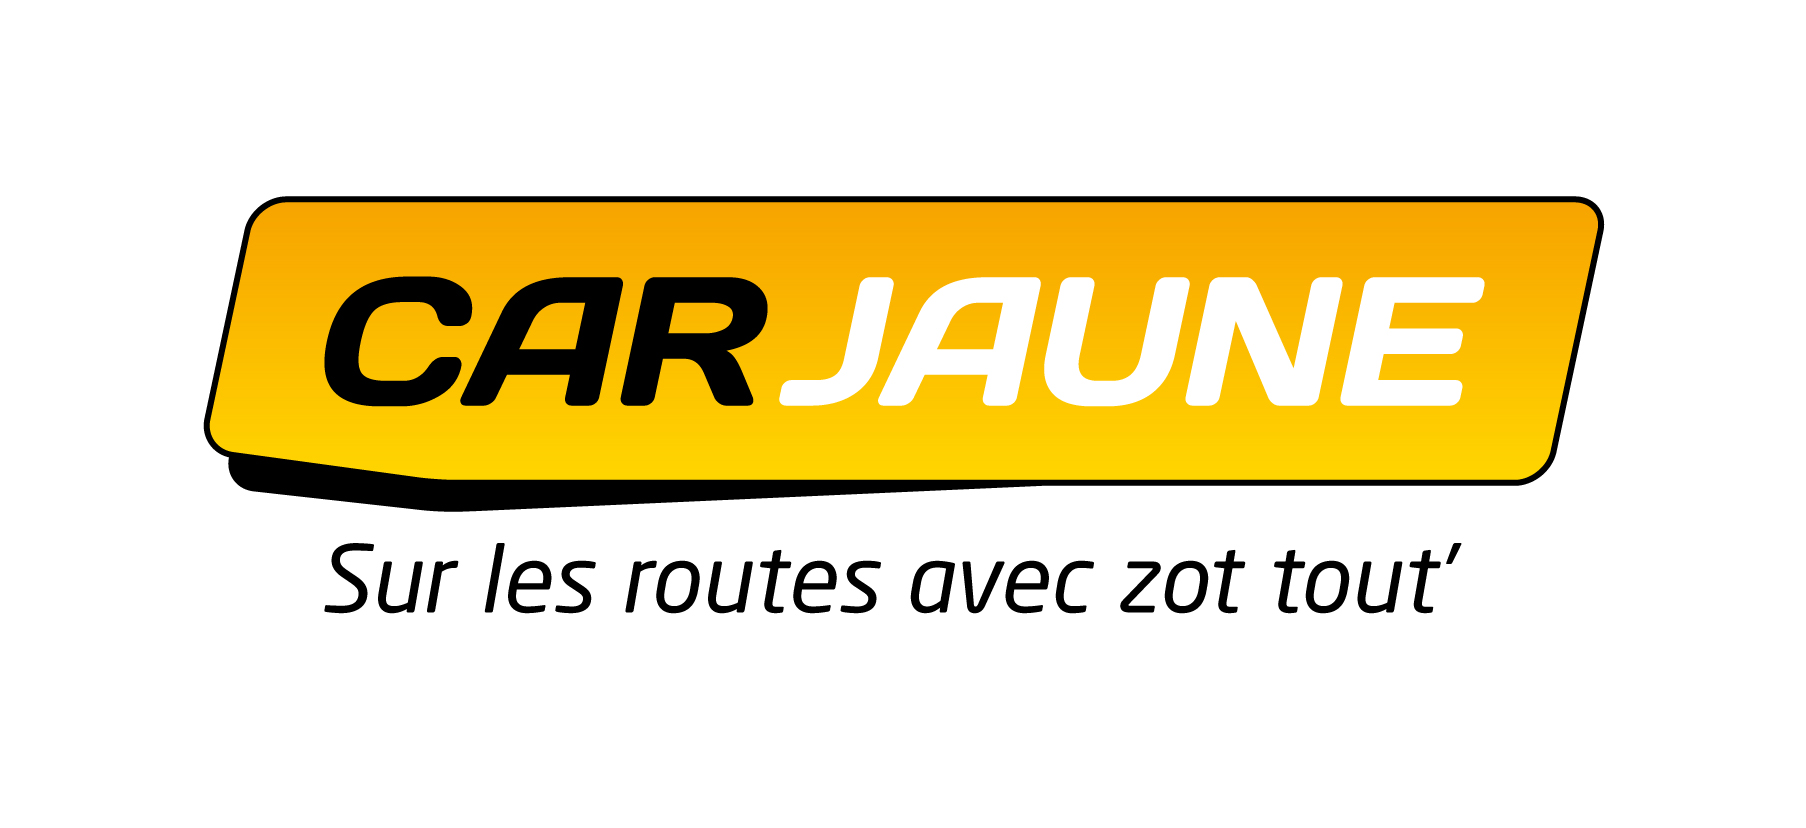 Horaires théoriques au format GTFS et horaires temps-réel au format GTFS-RT du réseau Car Jaune à La Réunion